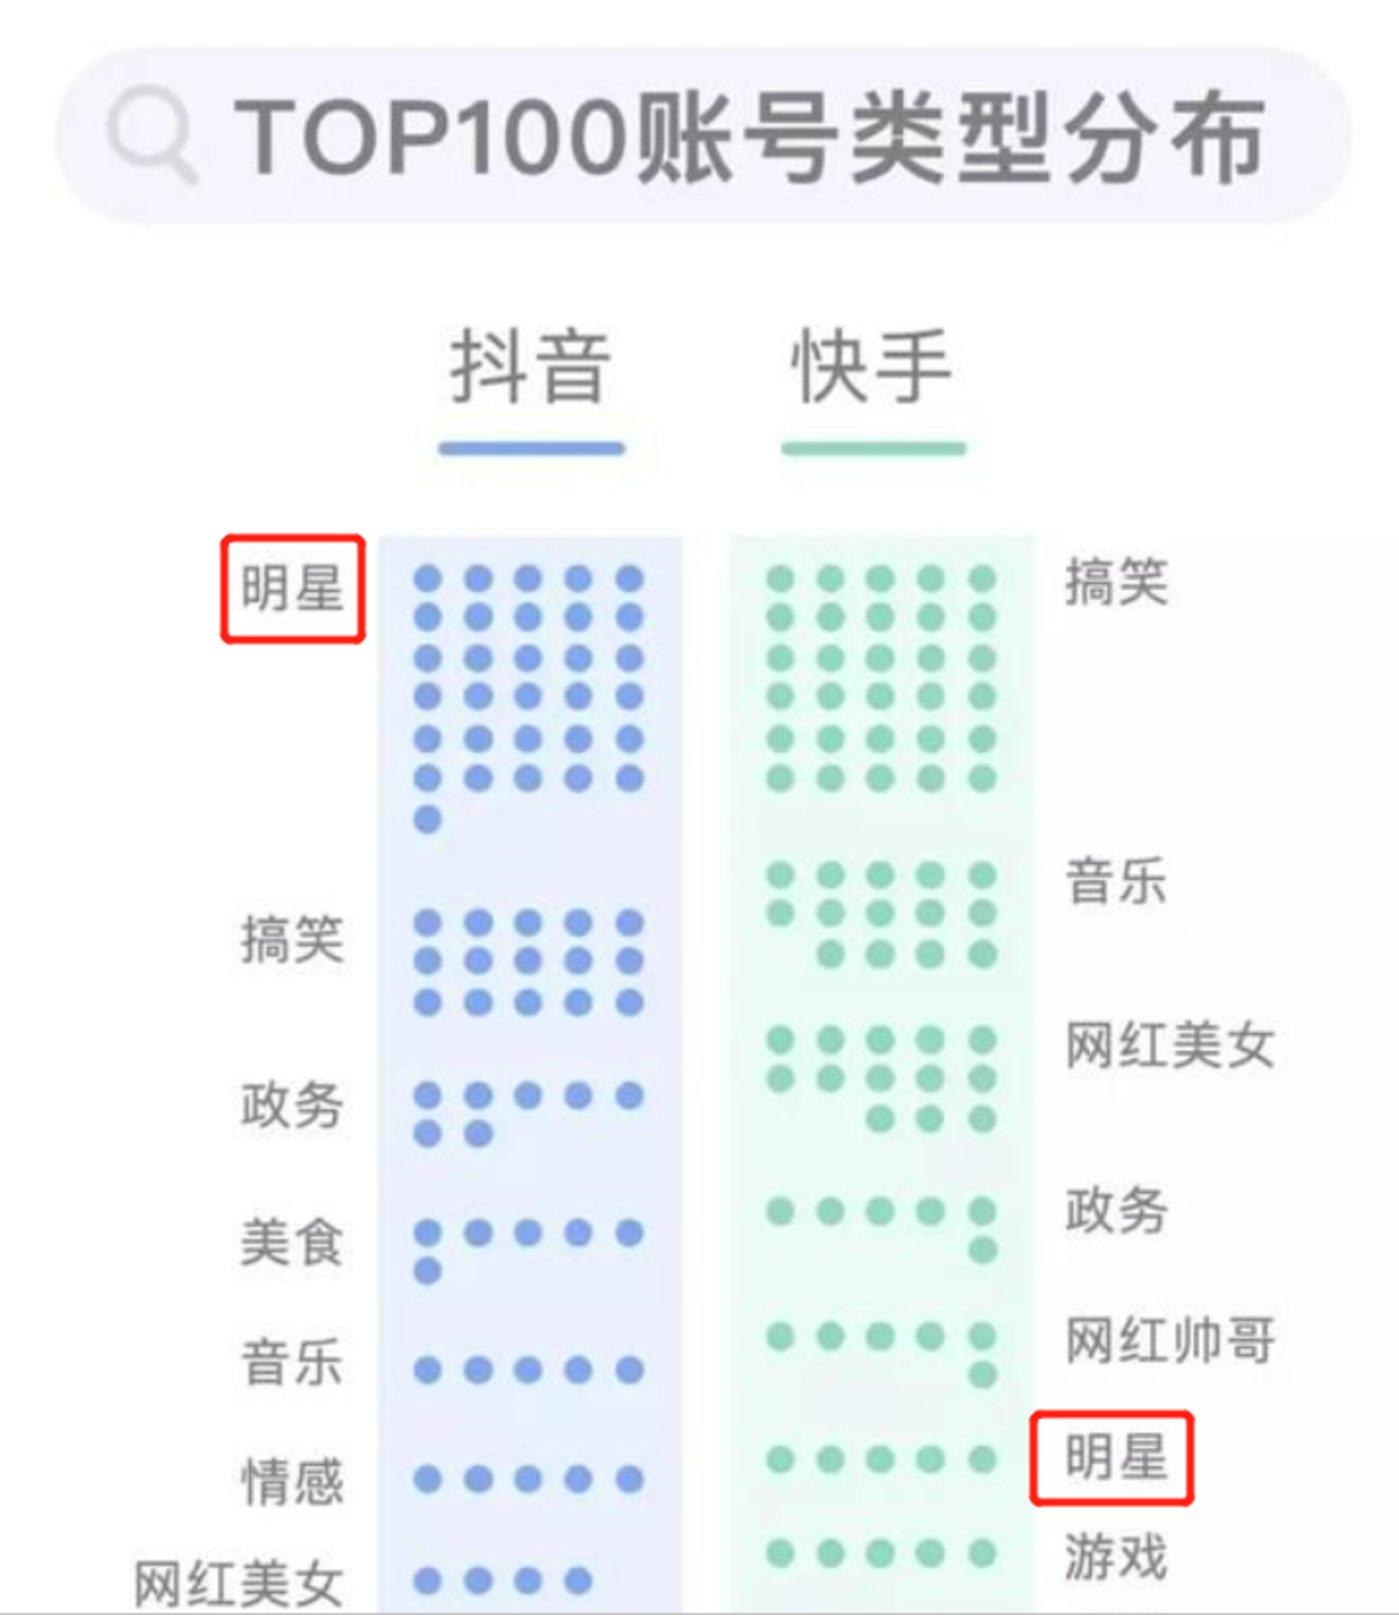 图片来源:《短视频Top100账号数据报告》